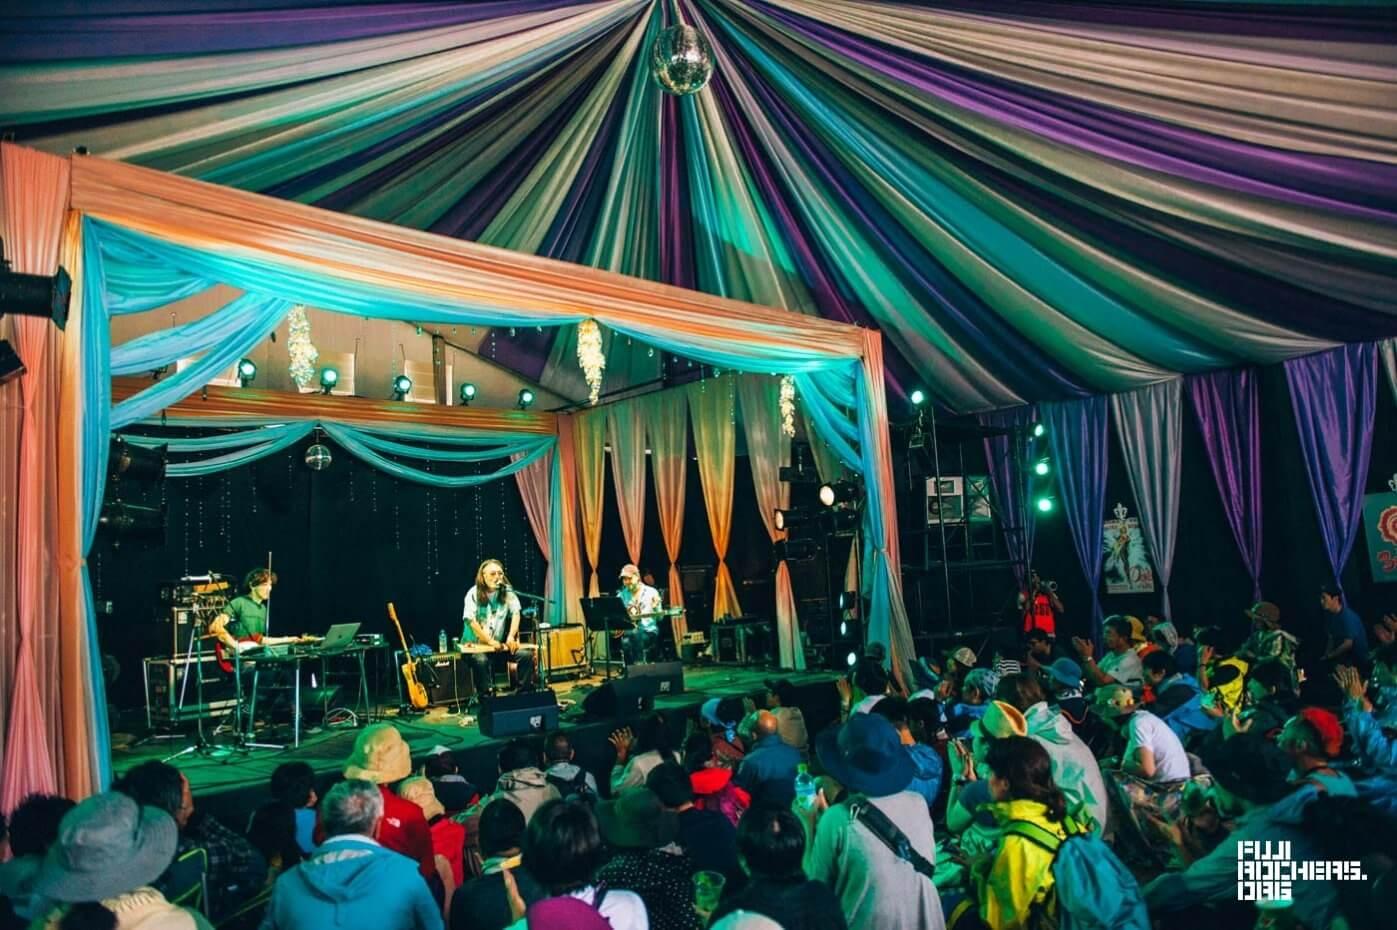 Hula Hula Circus